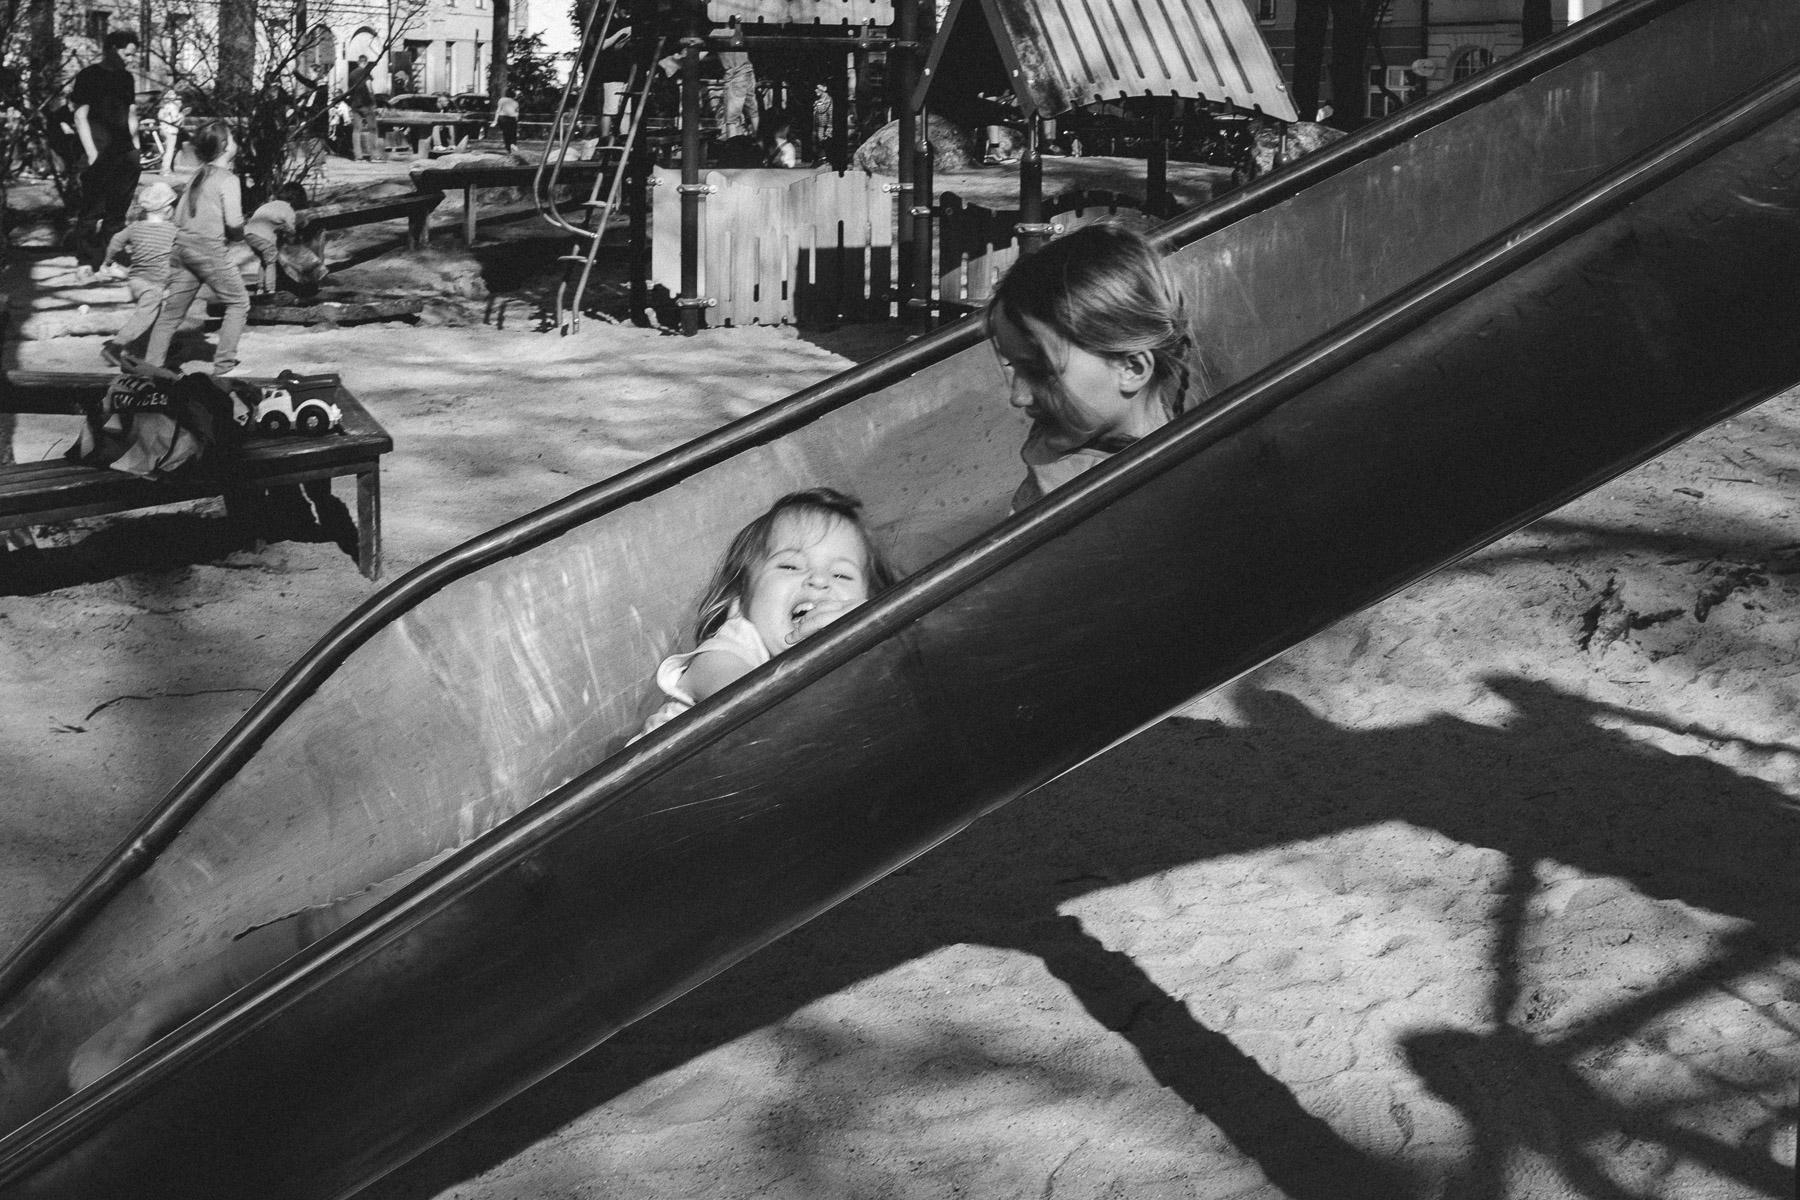 Martin_Liebl_Kein_Familienfotograf_BL_Blog_30.jpg